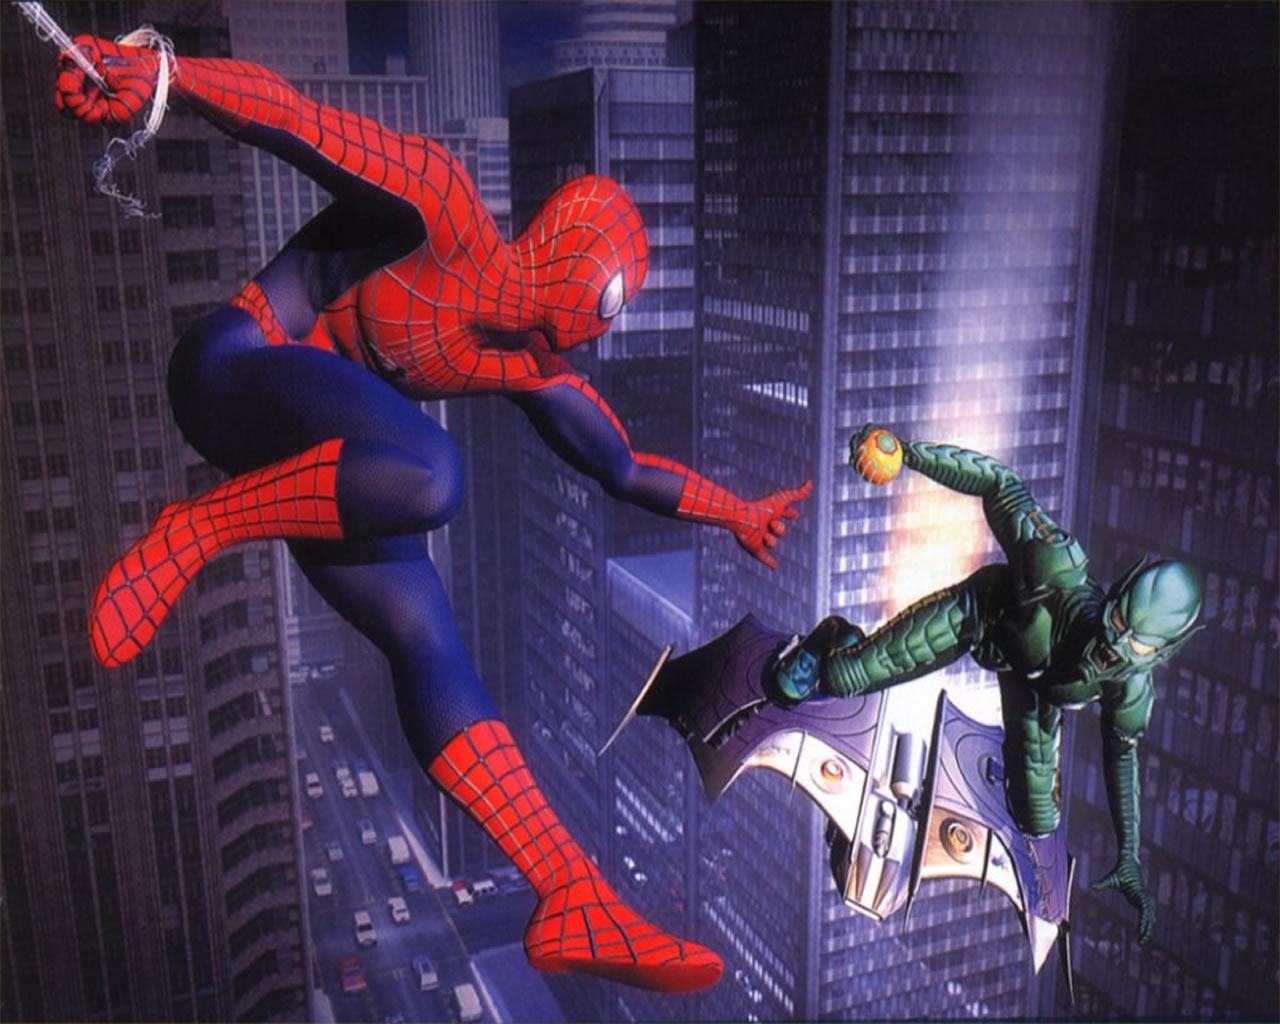 Spiderman Kleurplaten Superhelden Kleurplaten Animaatjes Nl: Spiderman Vs De Troll